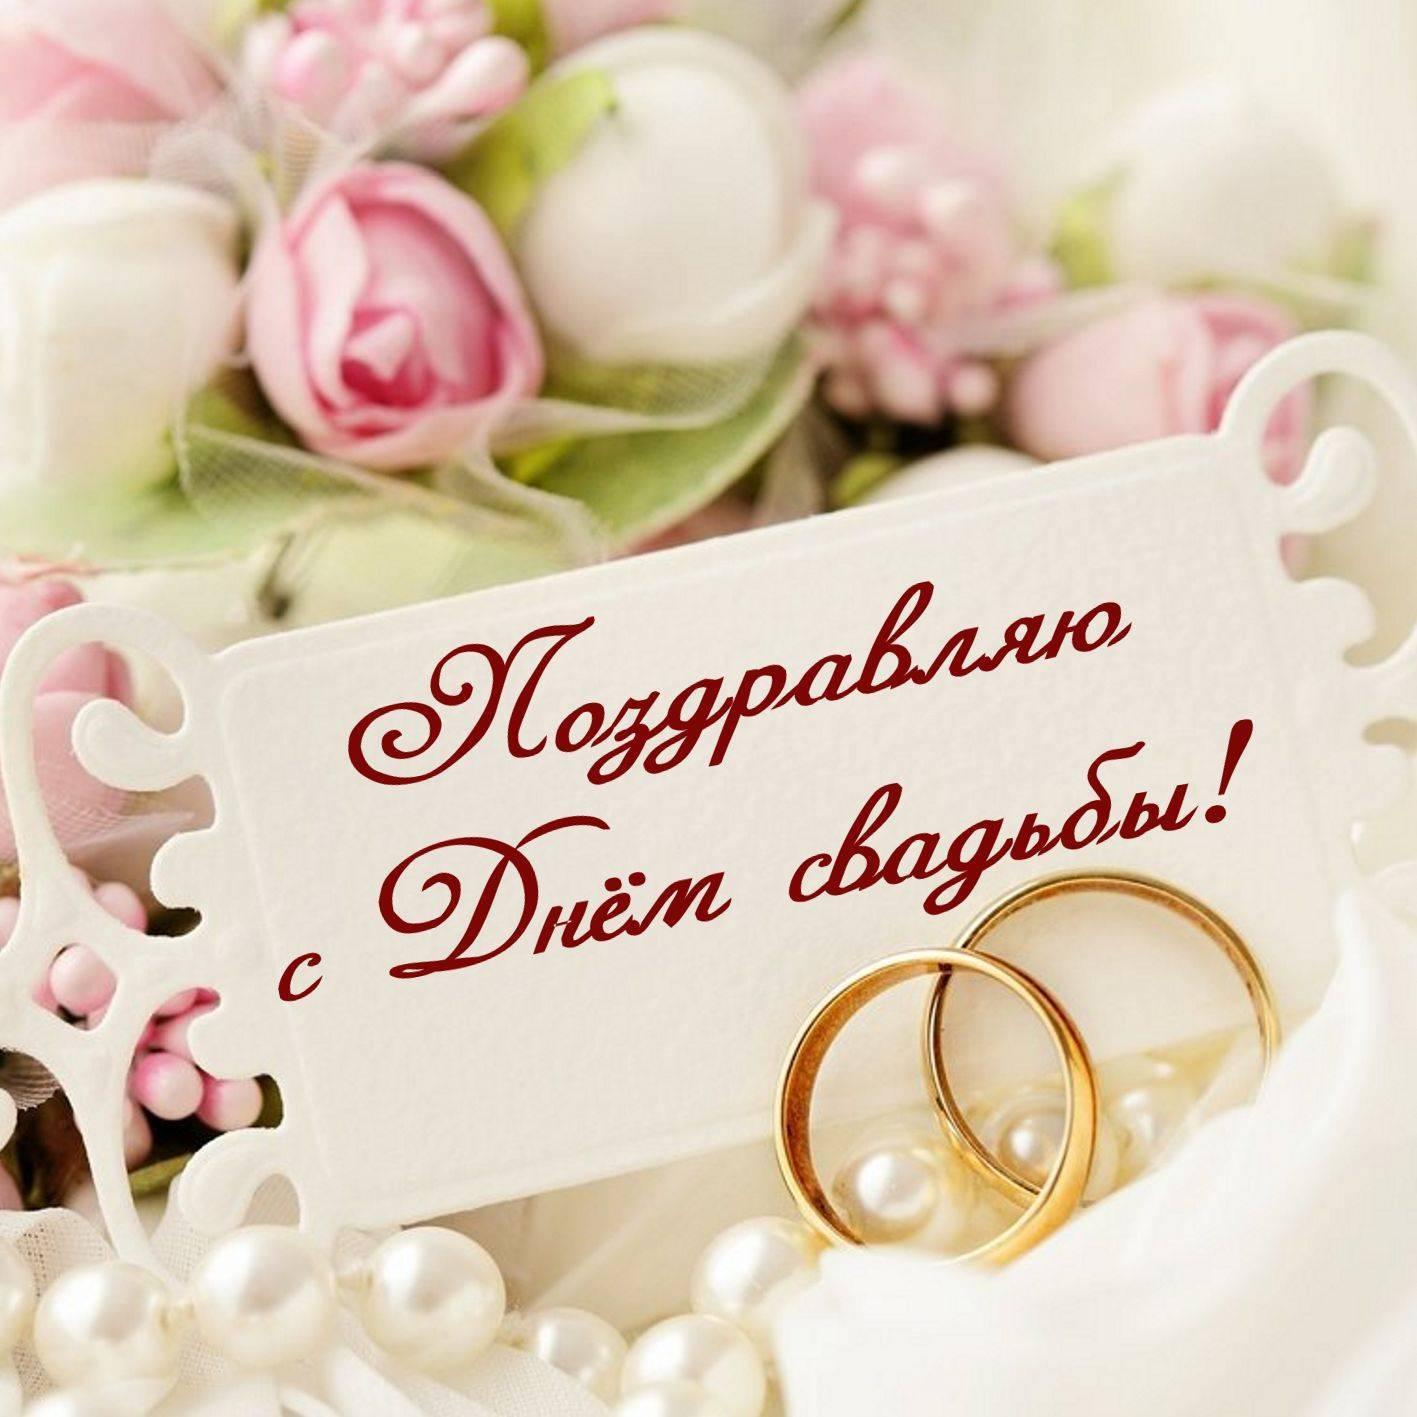 Смешные поздравления на свадьбу: идеи шуточных поздравлений в стихах и прозе